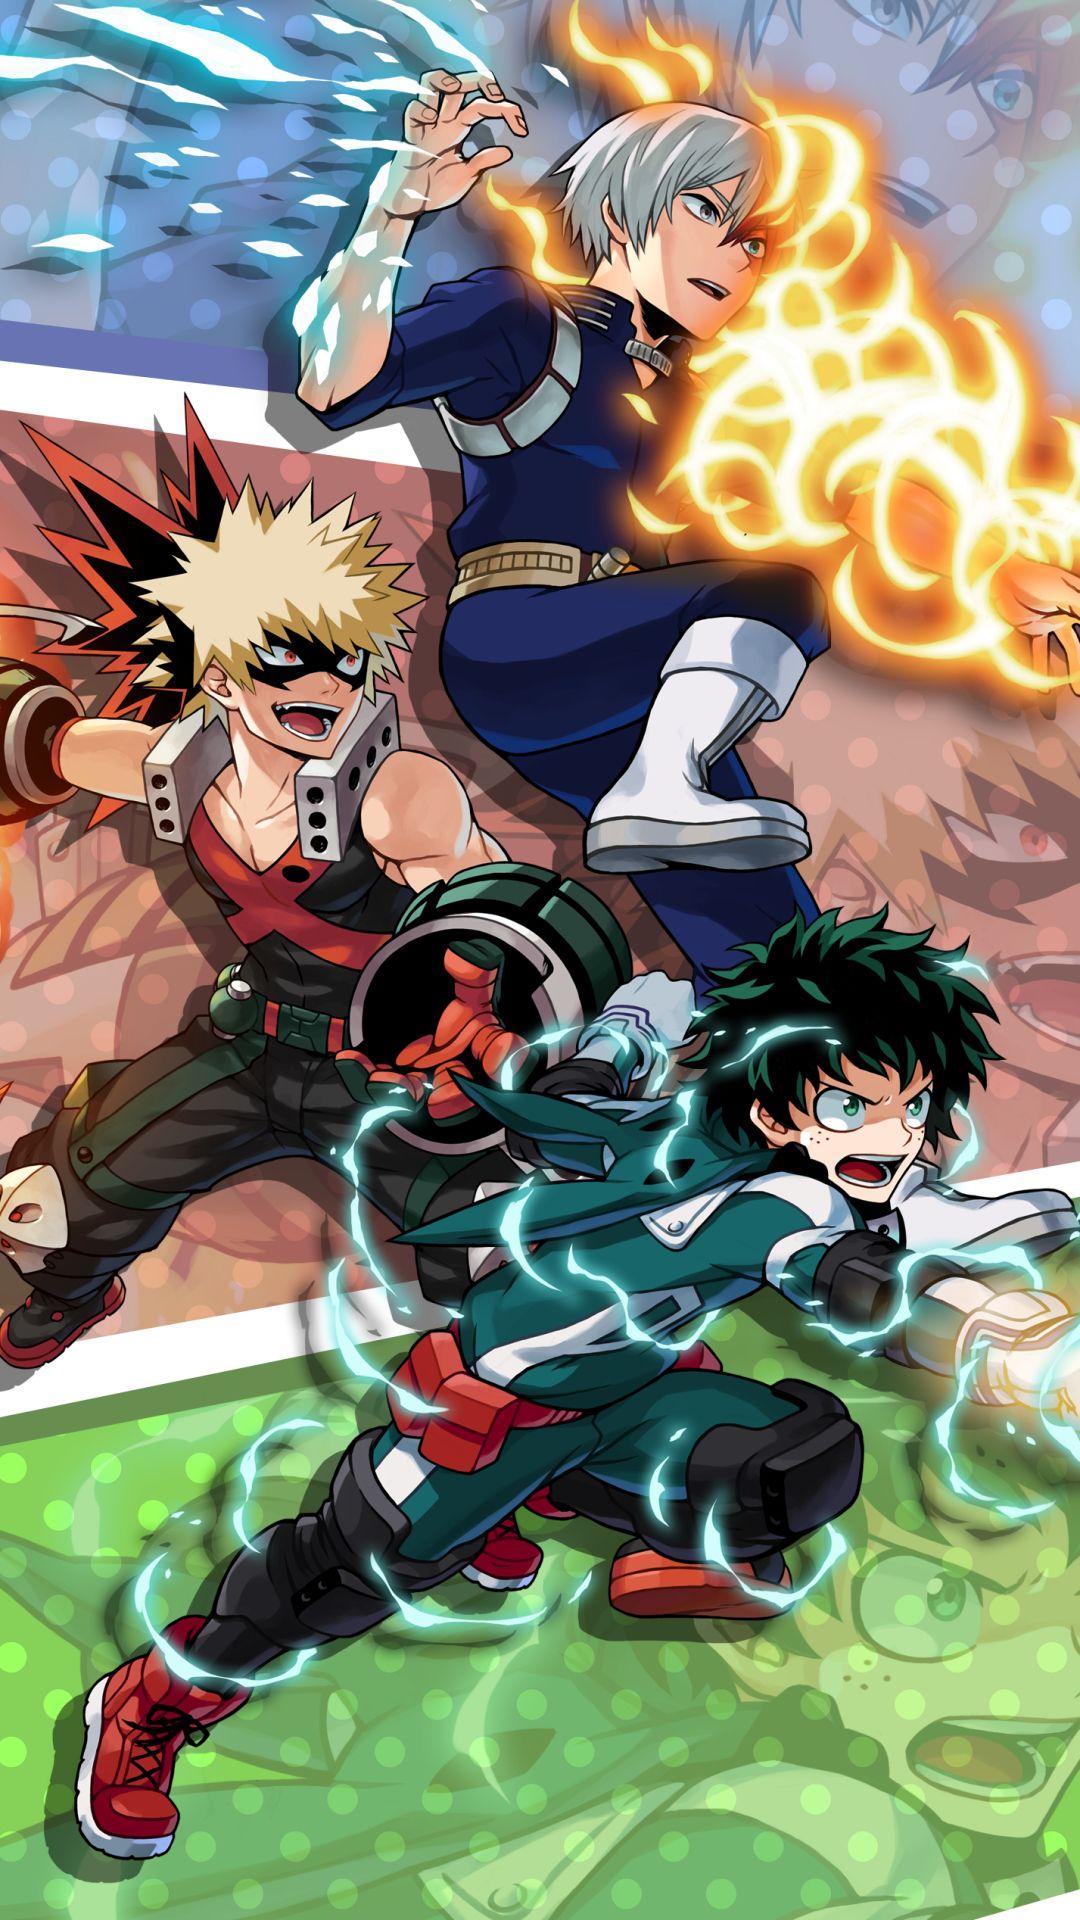 Save Follow Midoriya Izuku Deku Bakugou Katsuki Shouto Todoroki Shoto My Hero Academia Boku No Hero Ac My Hero Academia Episodes Hero My Hero